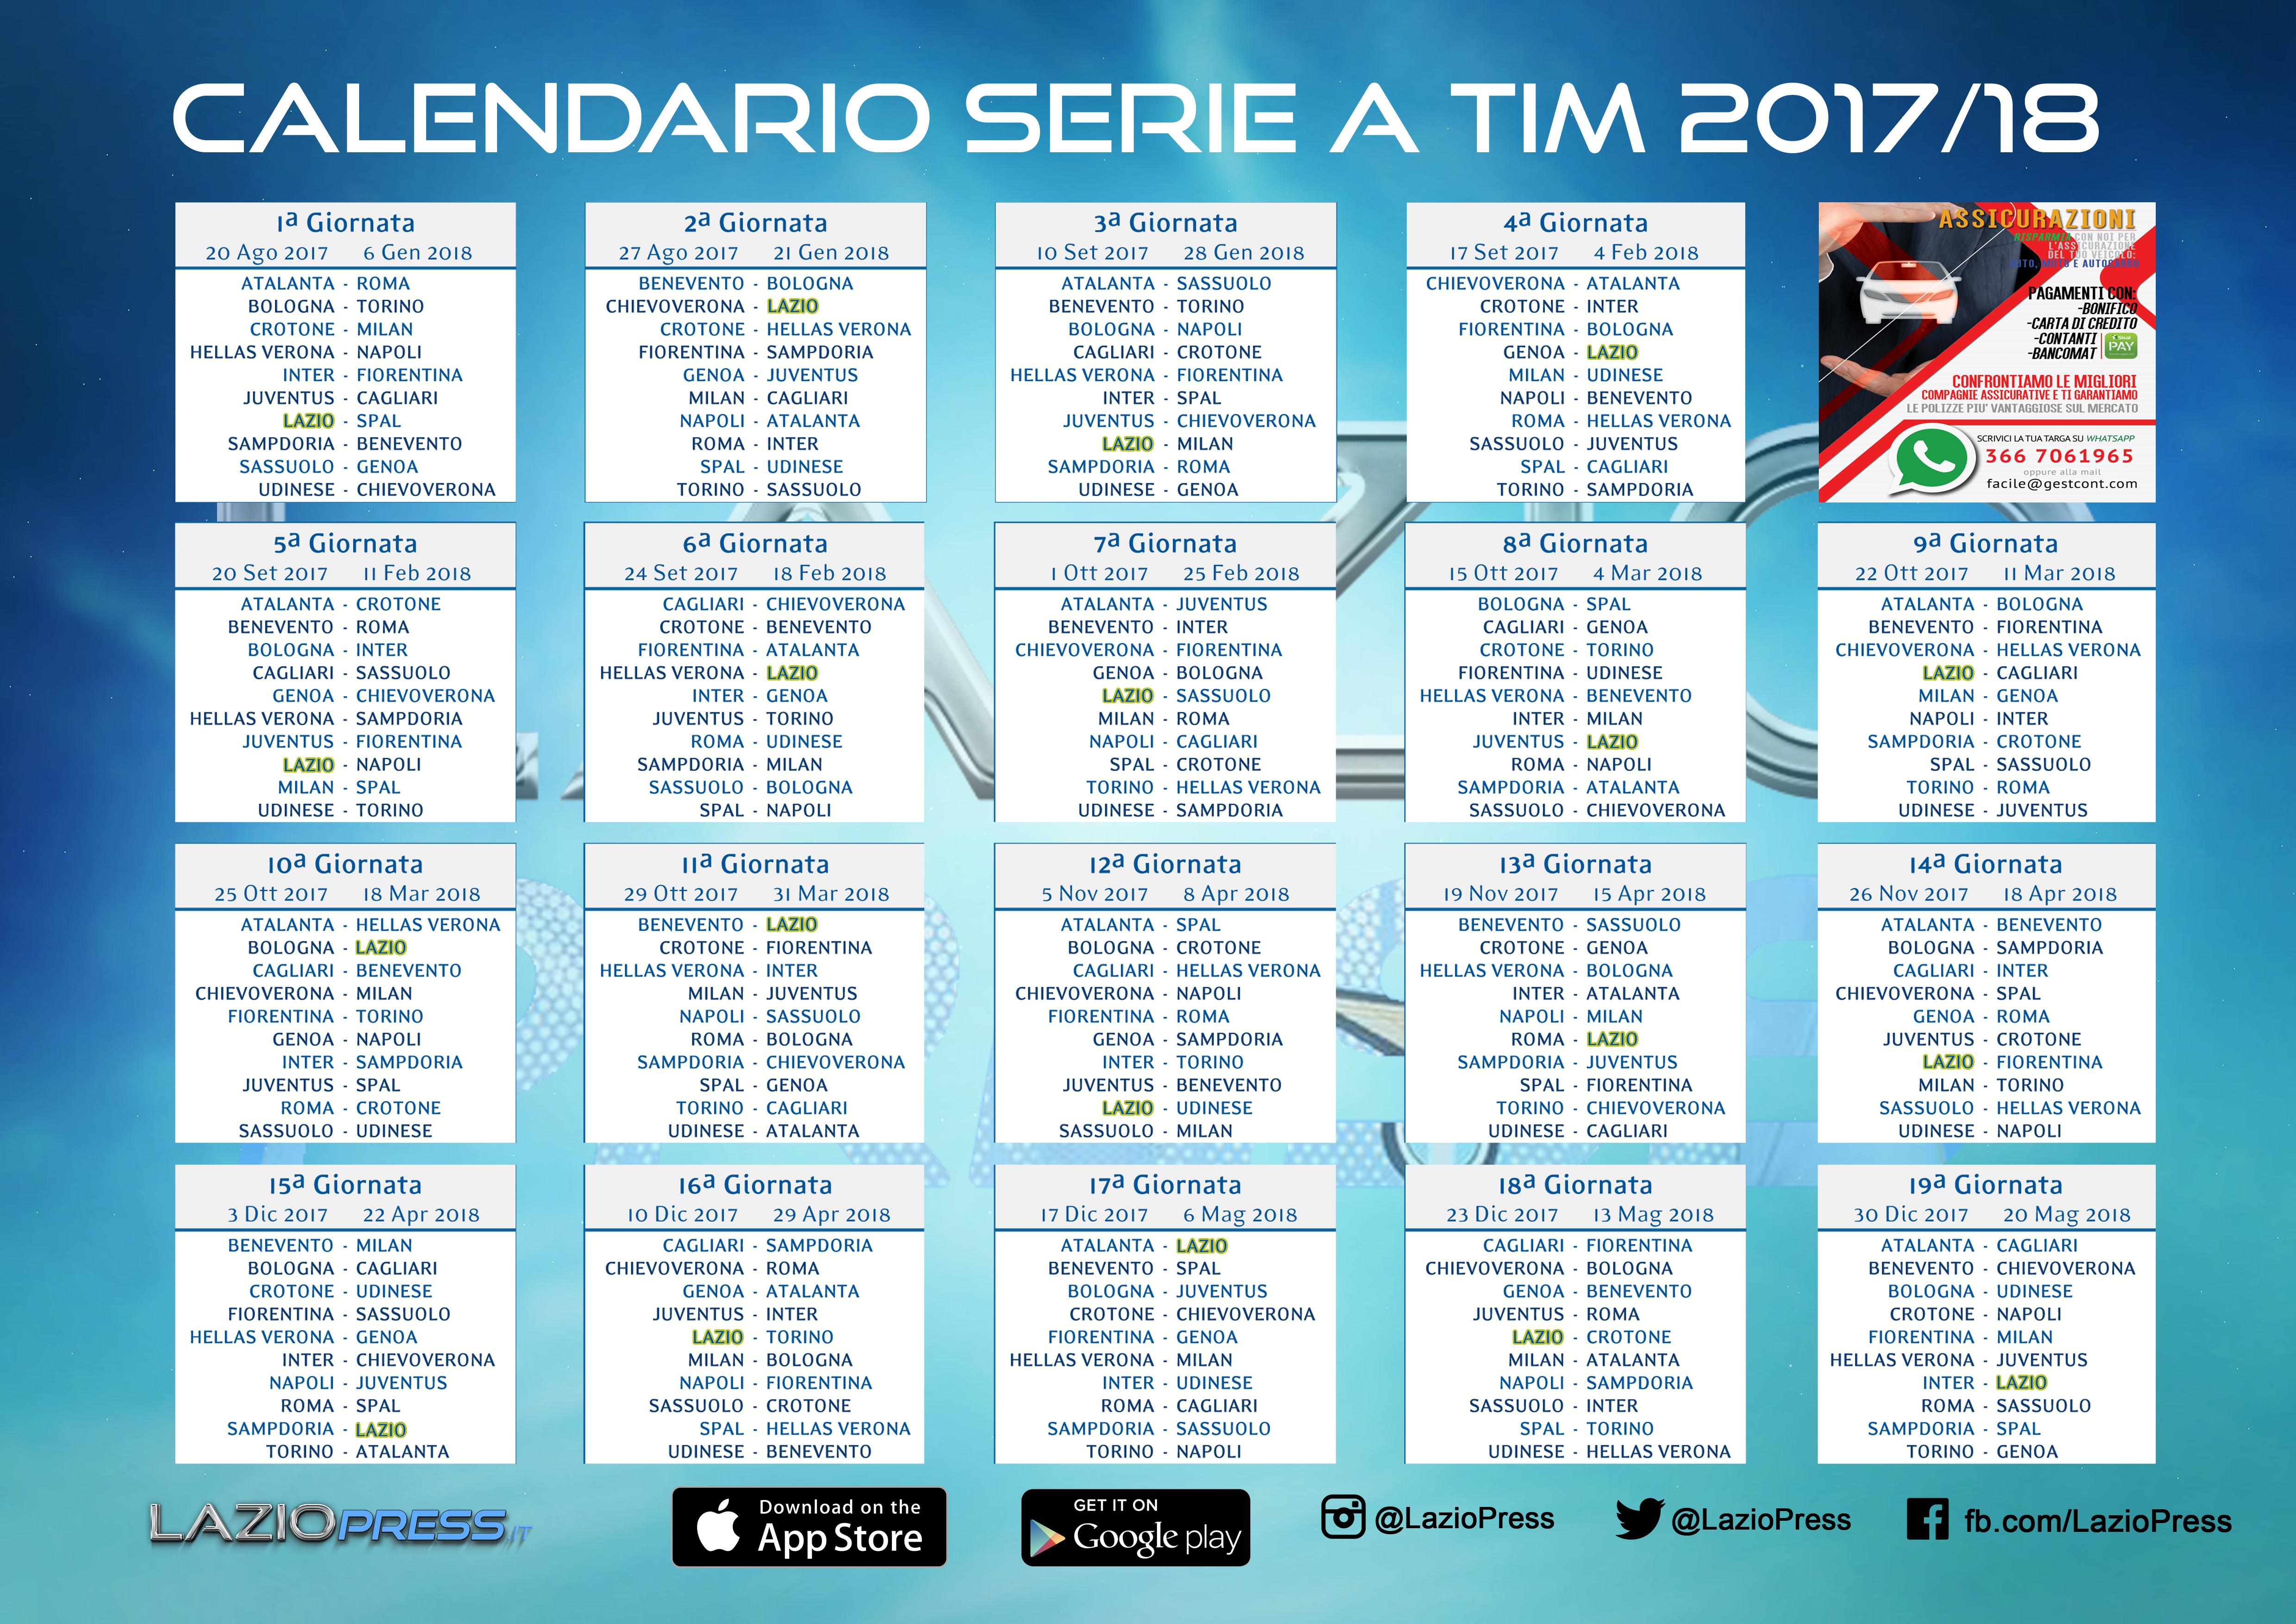 Calendario Srrie A.Calendario Serie A Pdf Calendario 2020